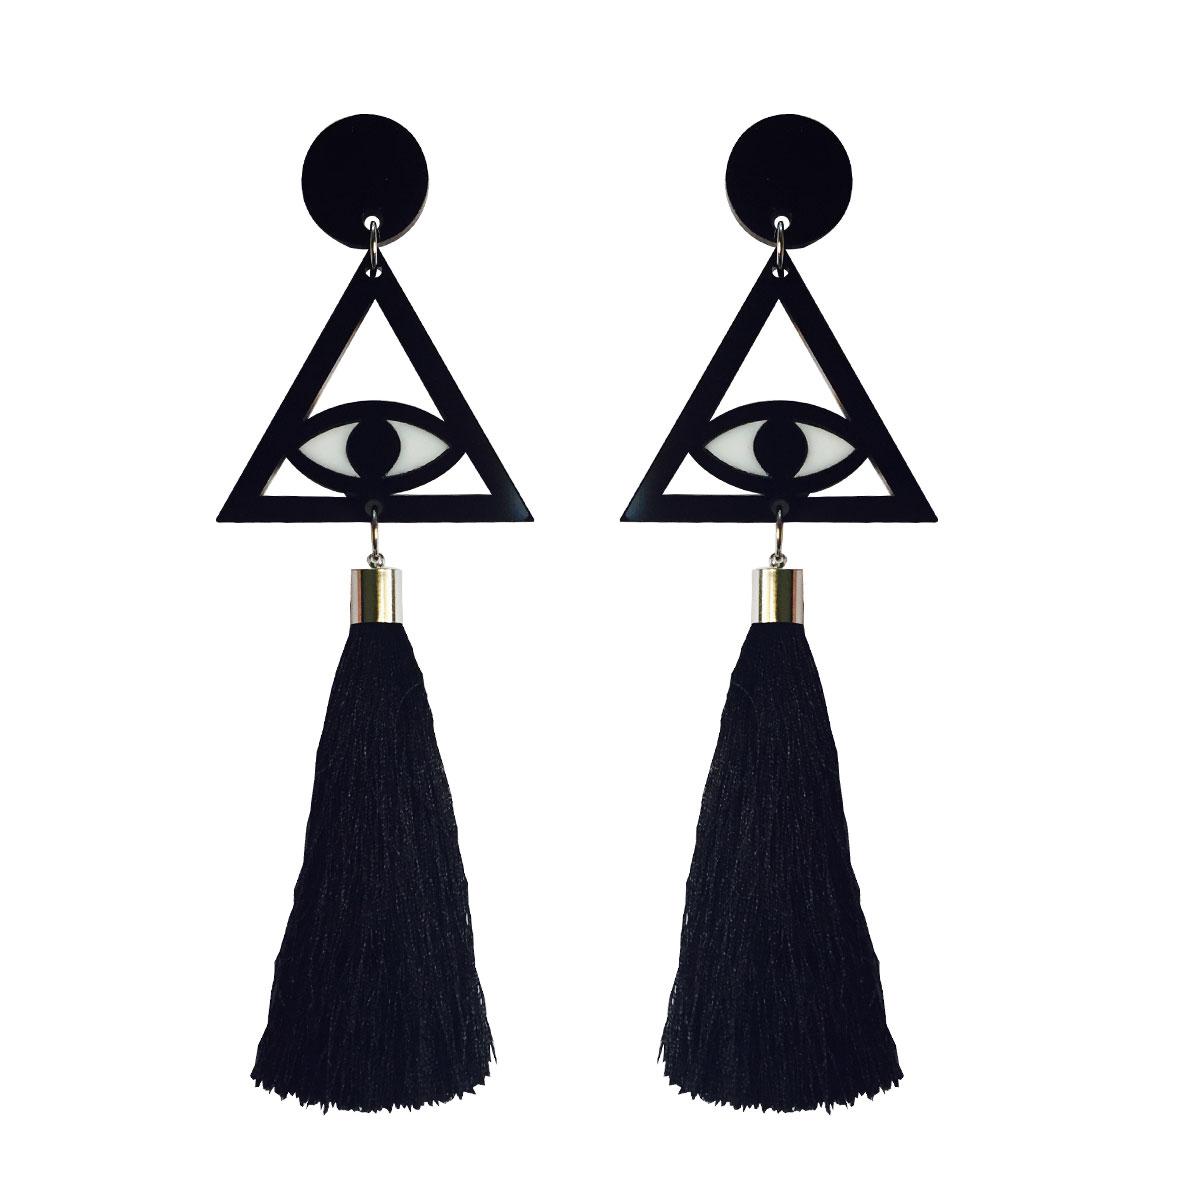 Doodad Fandango | Earrings | ILLUMINATIW TASSELS